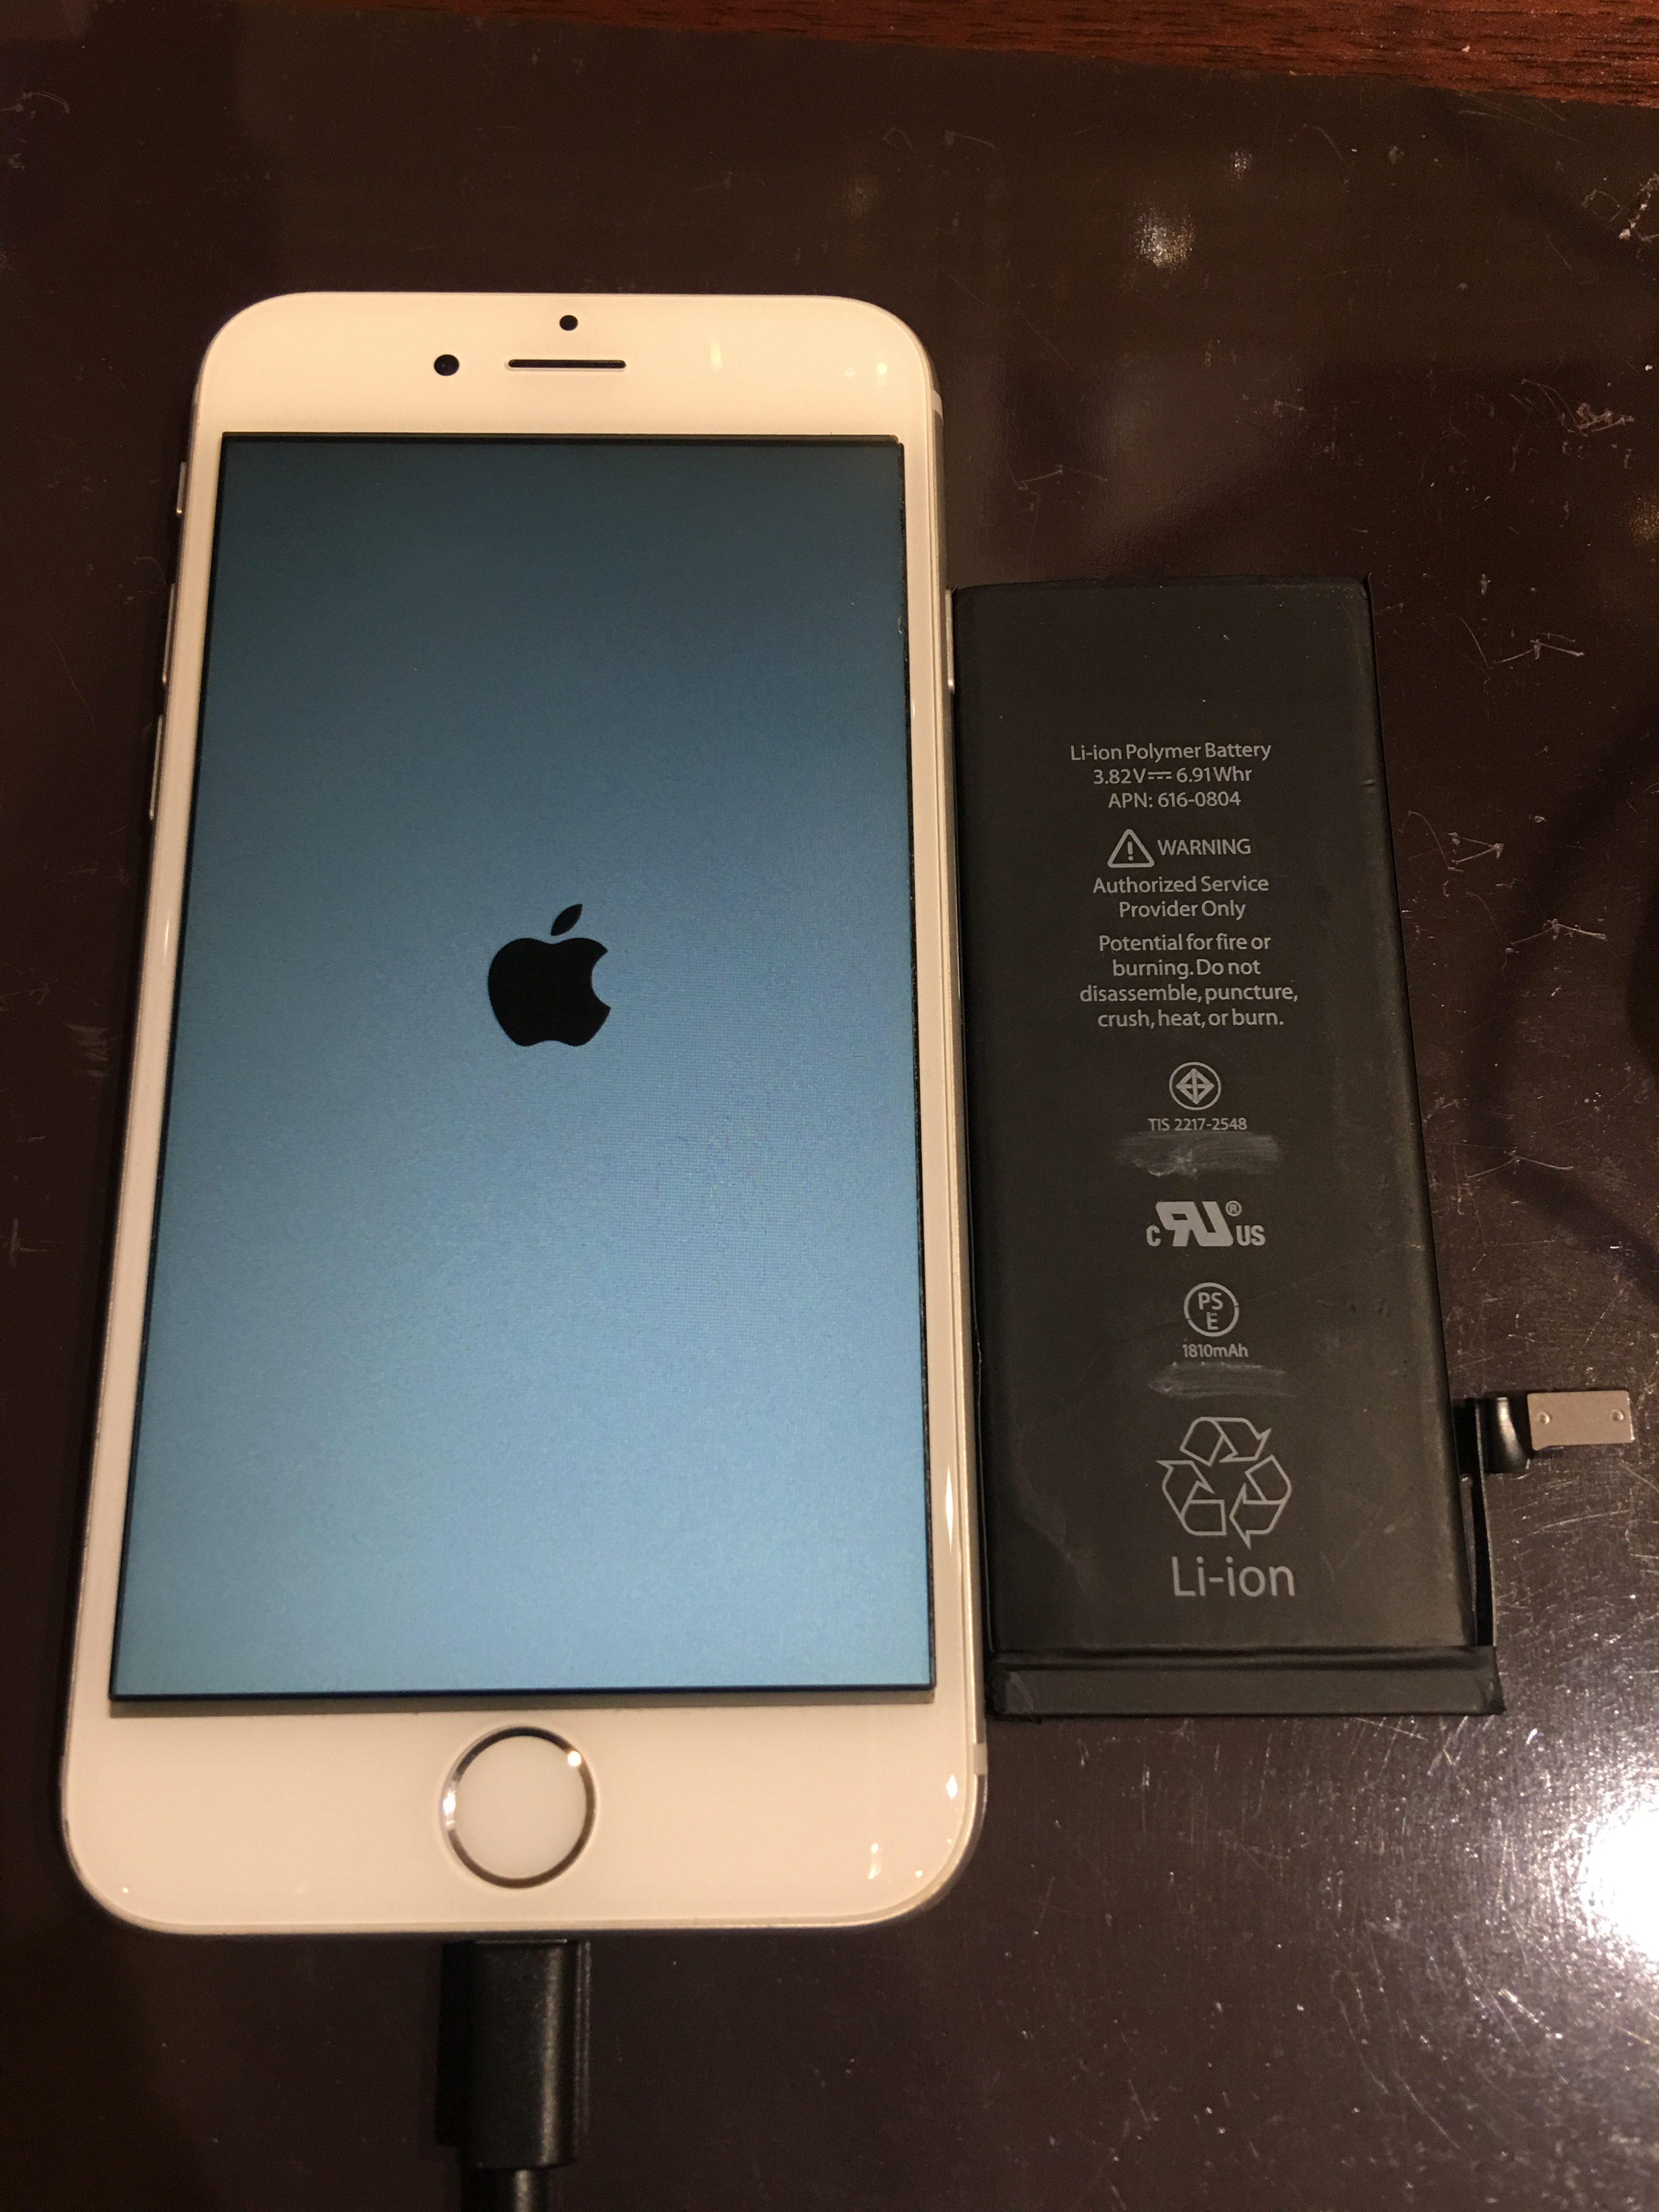 iPhone6バッテリー交換修理!《吹田市からお越しのお客様》データーそのまま即日最短20分ほどで完了します。学割・SNS割引実施中!確かな実績と経験でお客様の大切なiPhone修理おこないます!